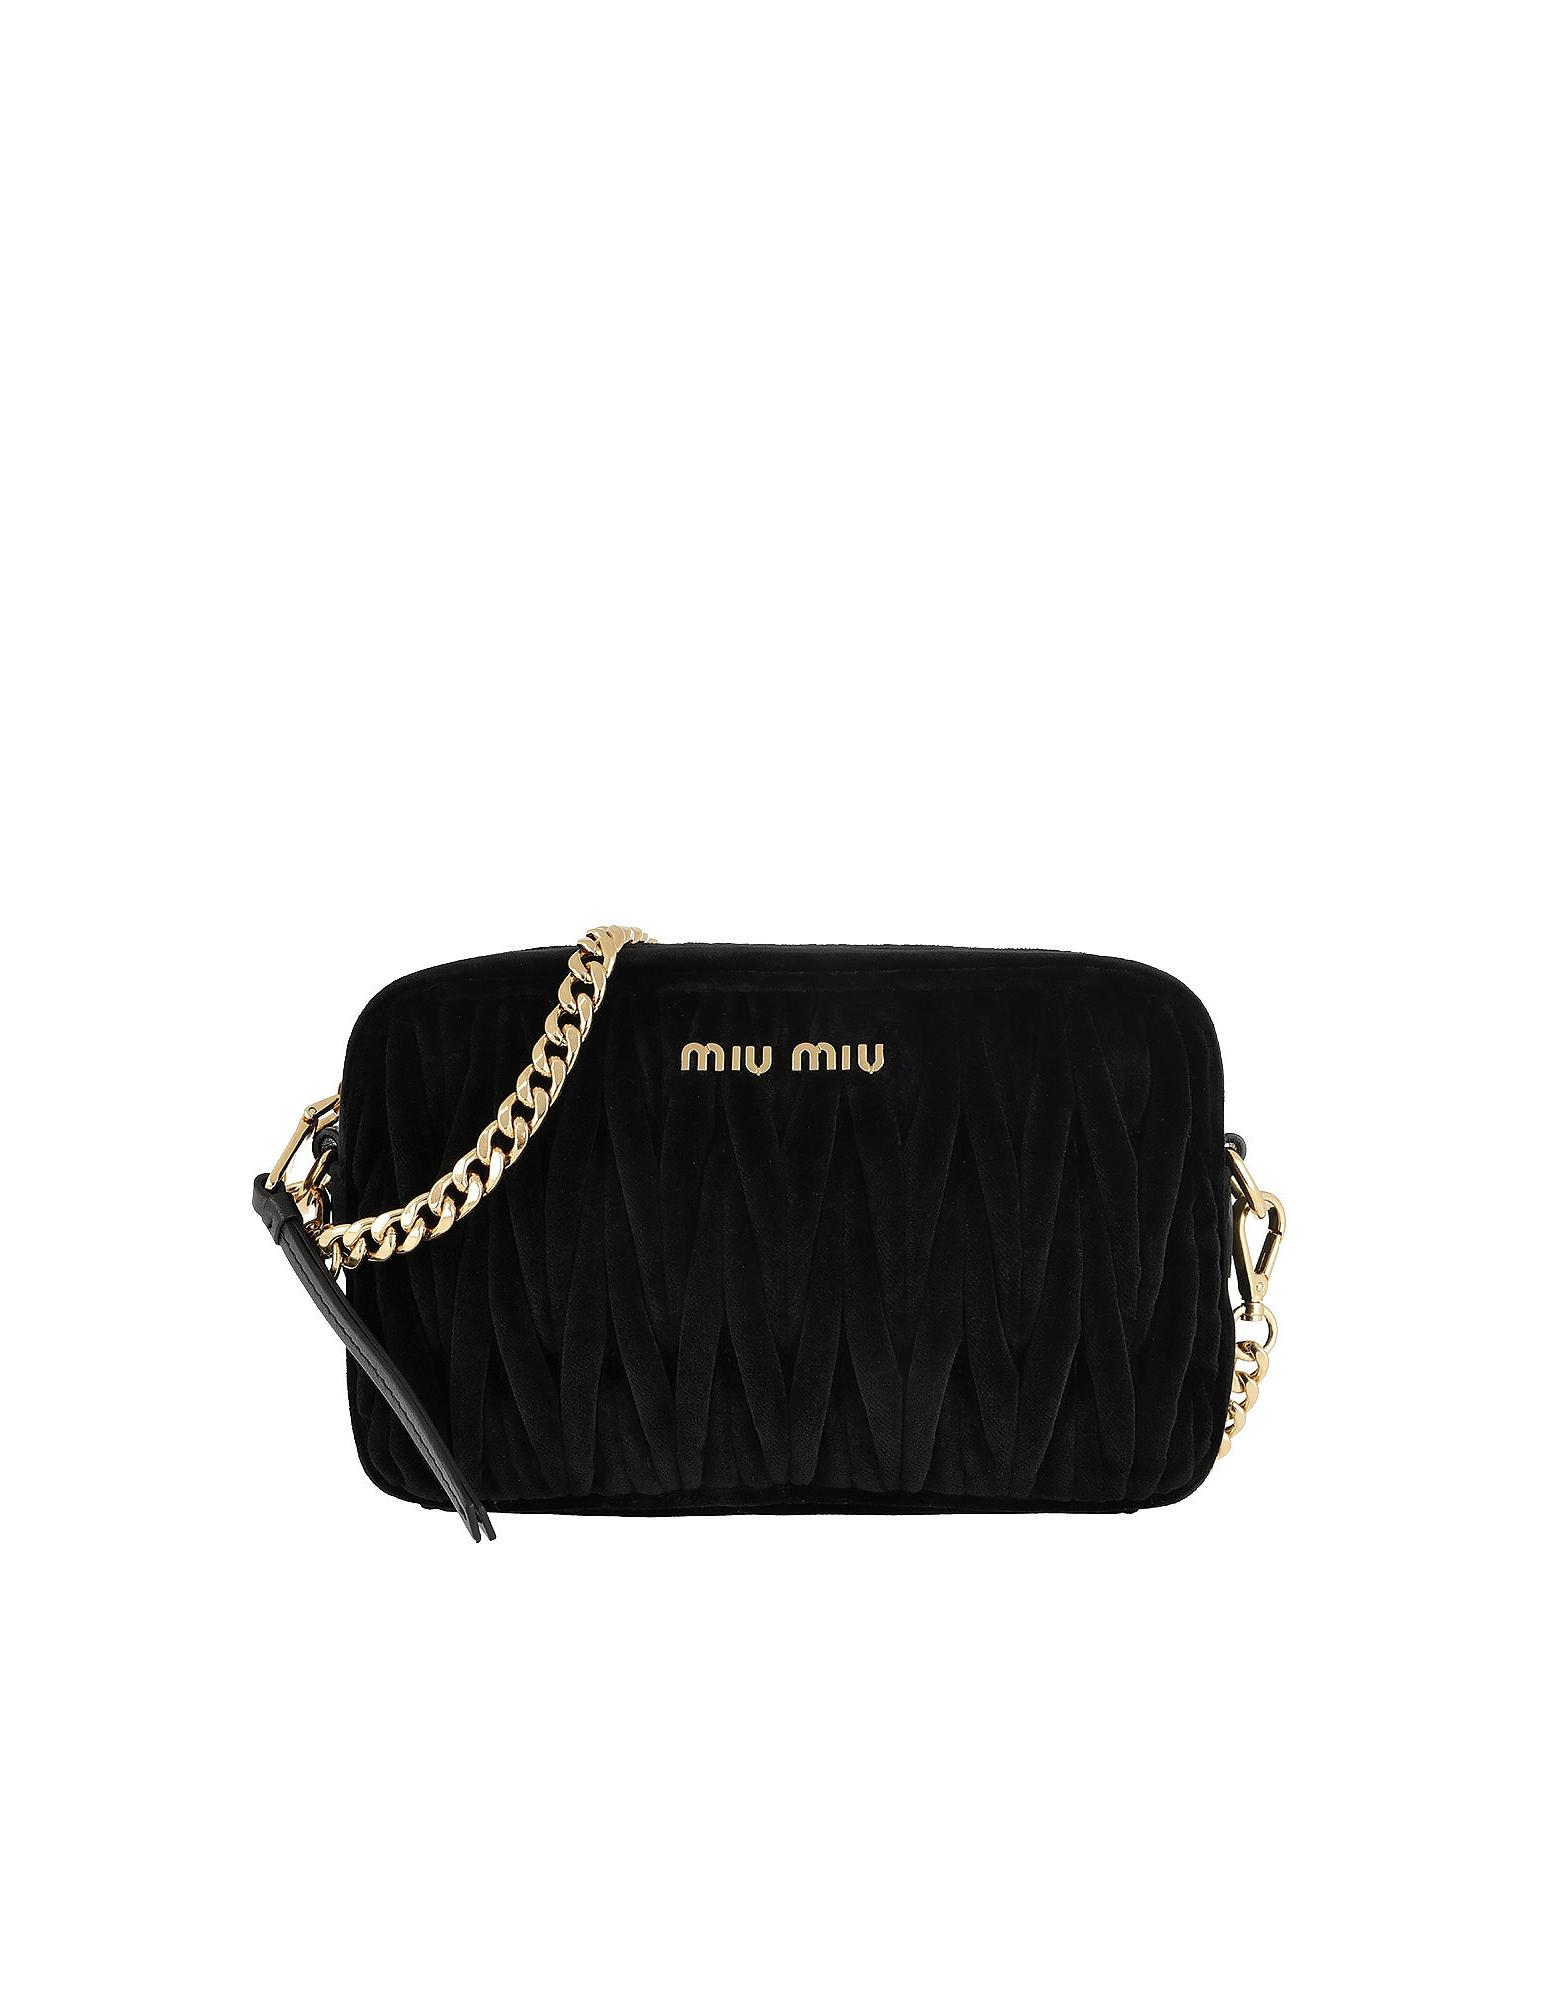 35e8351fe6e2 Miu Miu - Matelassé Shoulder Bag Velvet Black - Lyst. View fullscreen